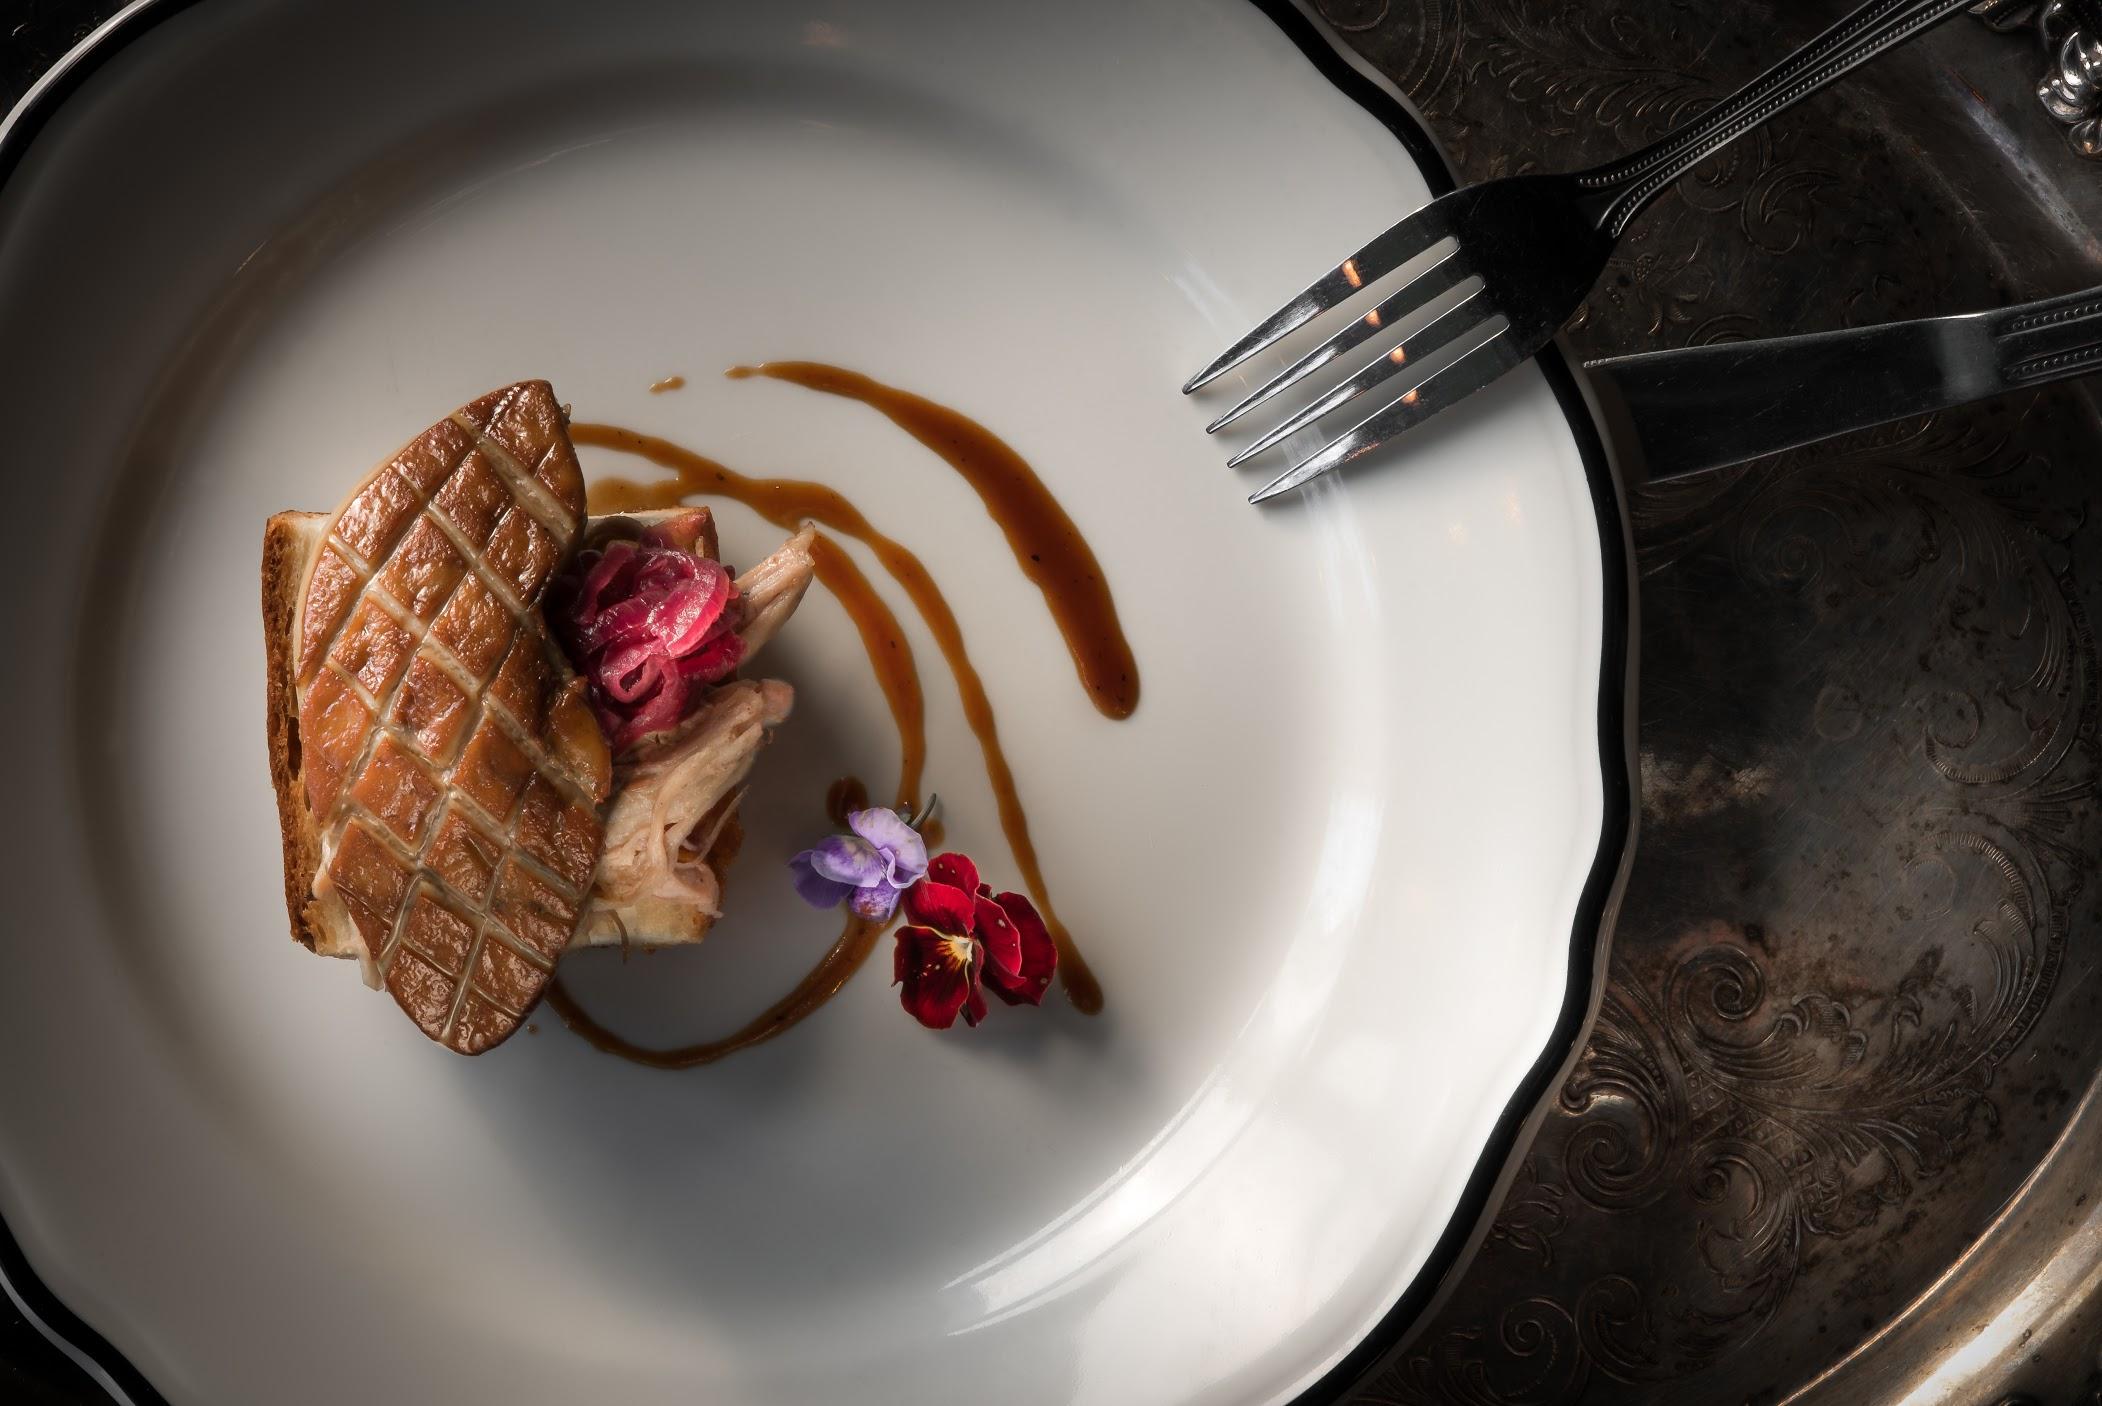 Copie de foie gras-0793.jpg